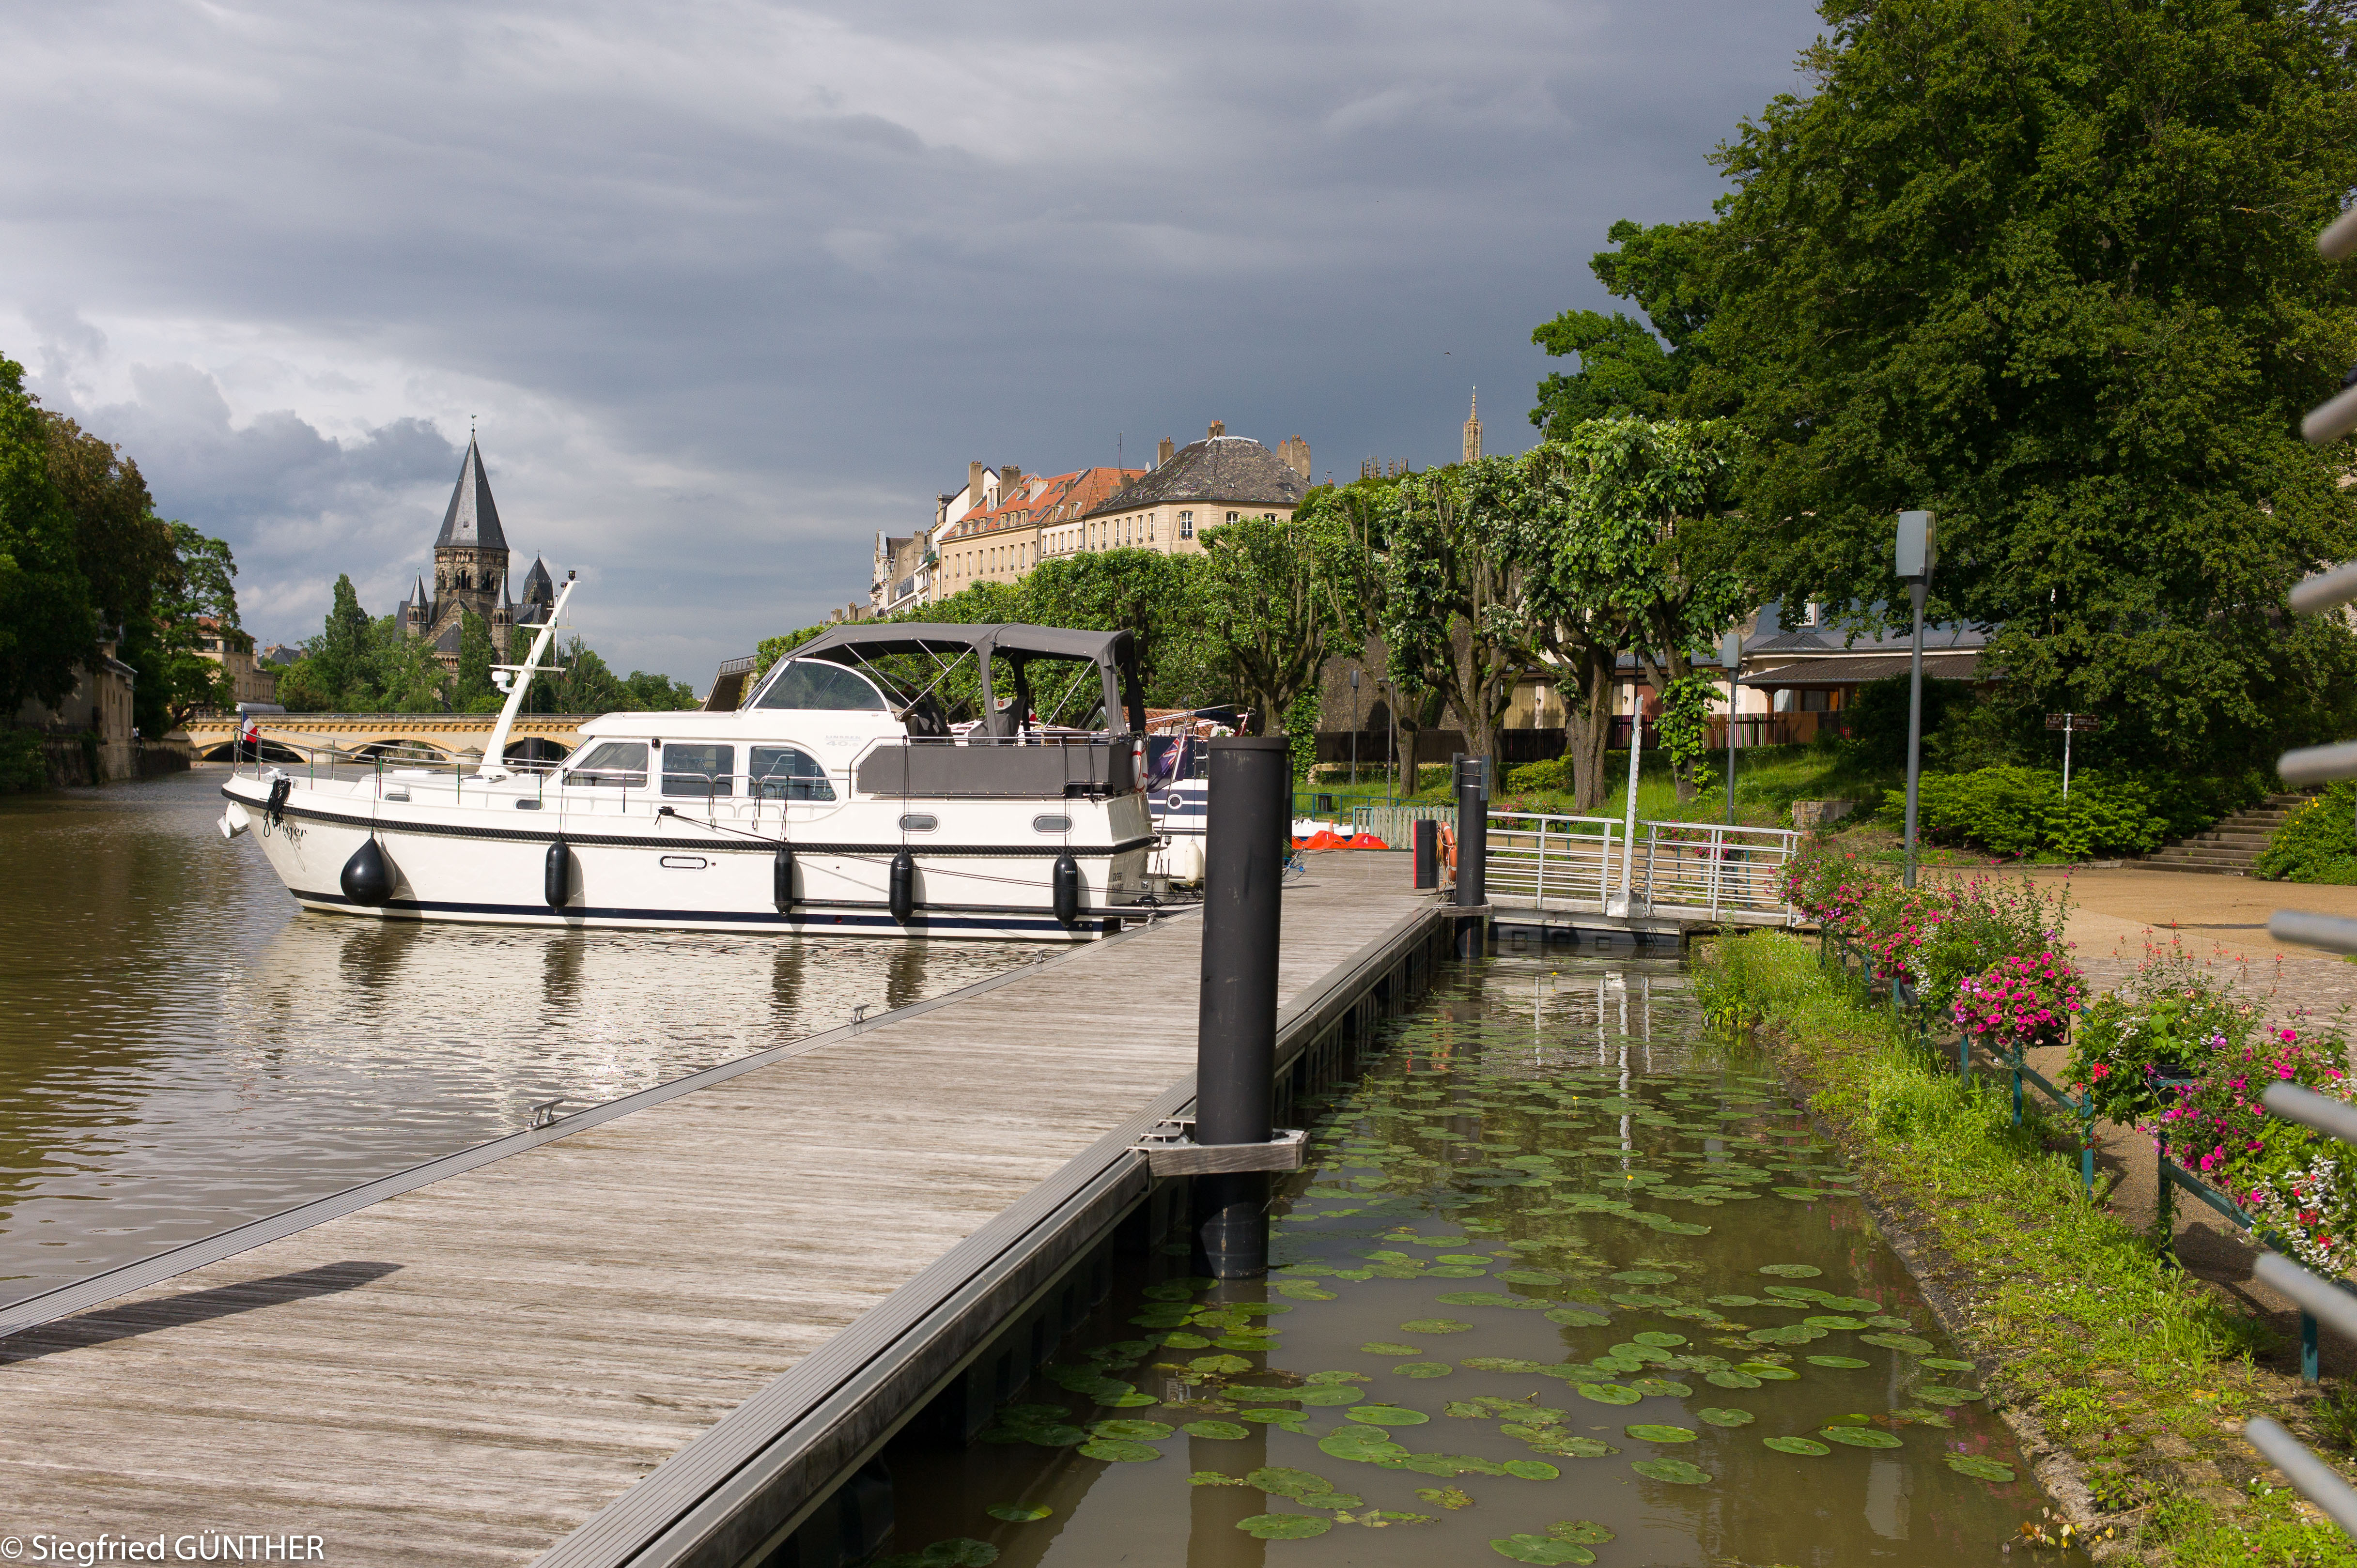 20016 Tour-1 Maas-70